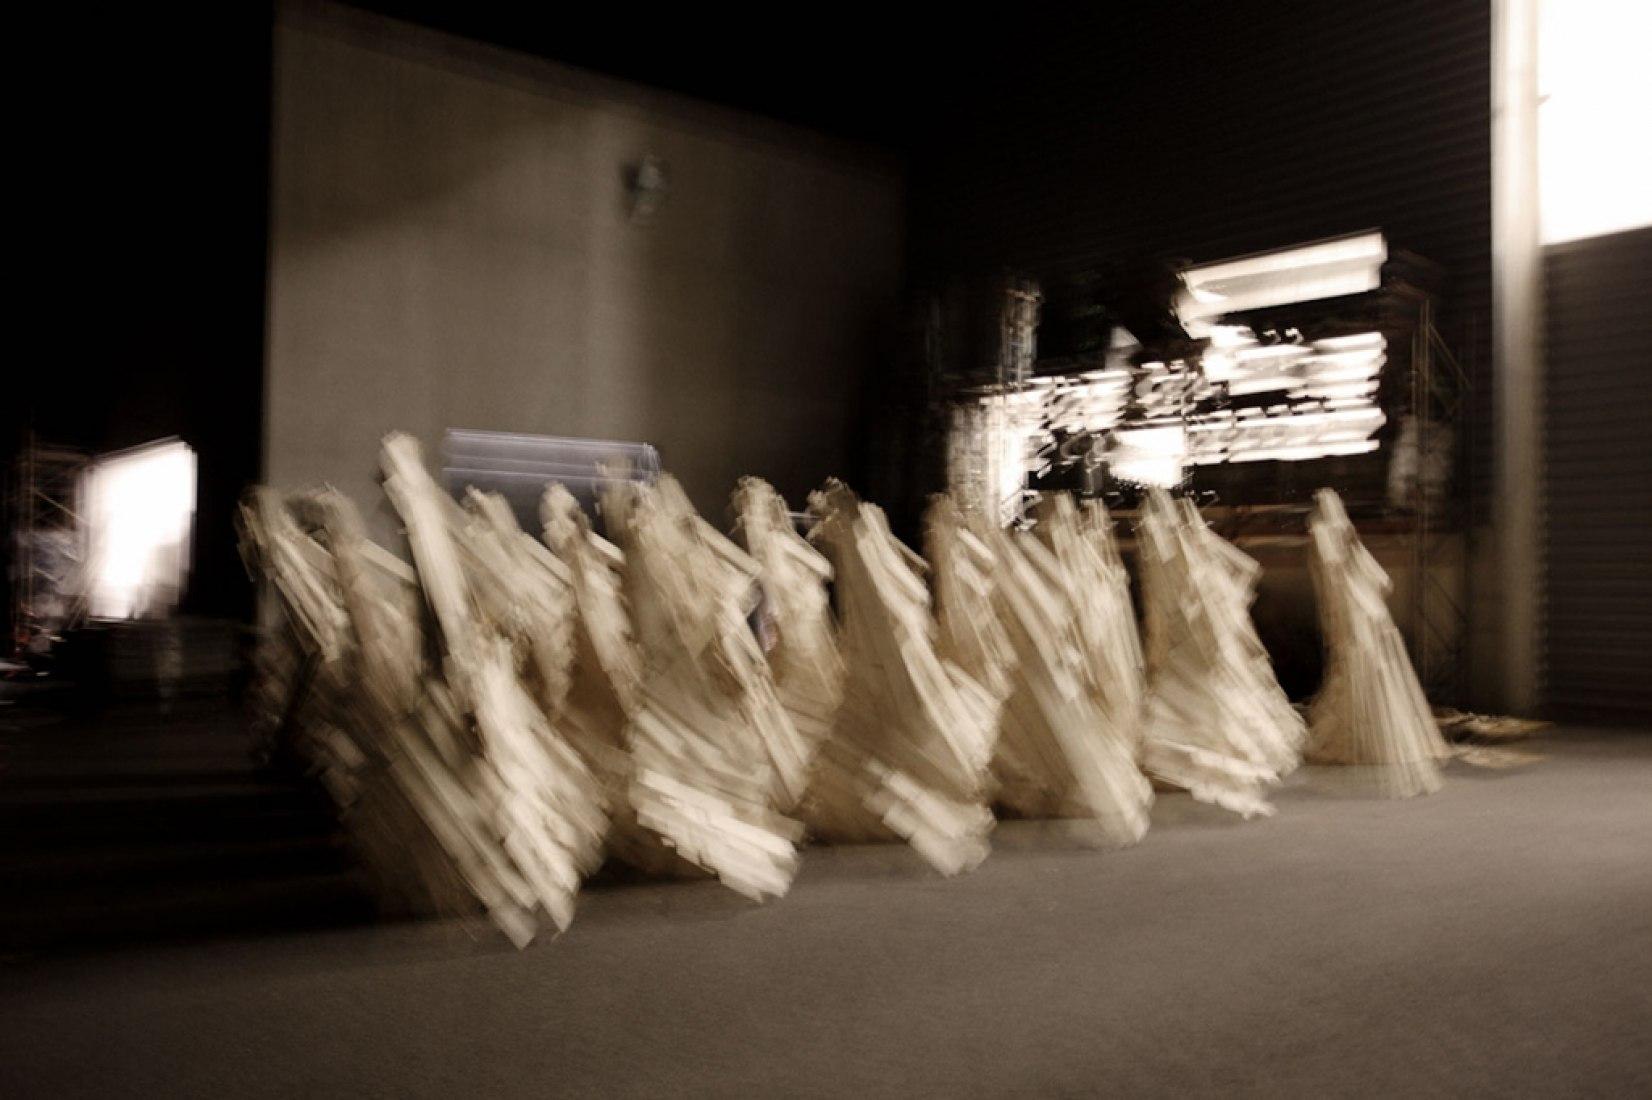 Les Premiers visiteurs por Francesca Bonesio y Nicolas Guiraud. Imagen cortesía de atelier 37.2.